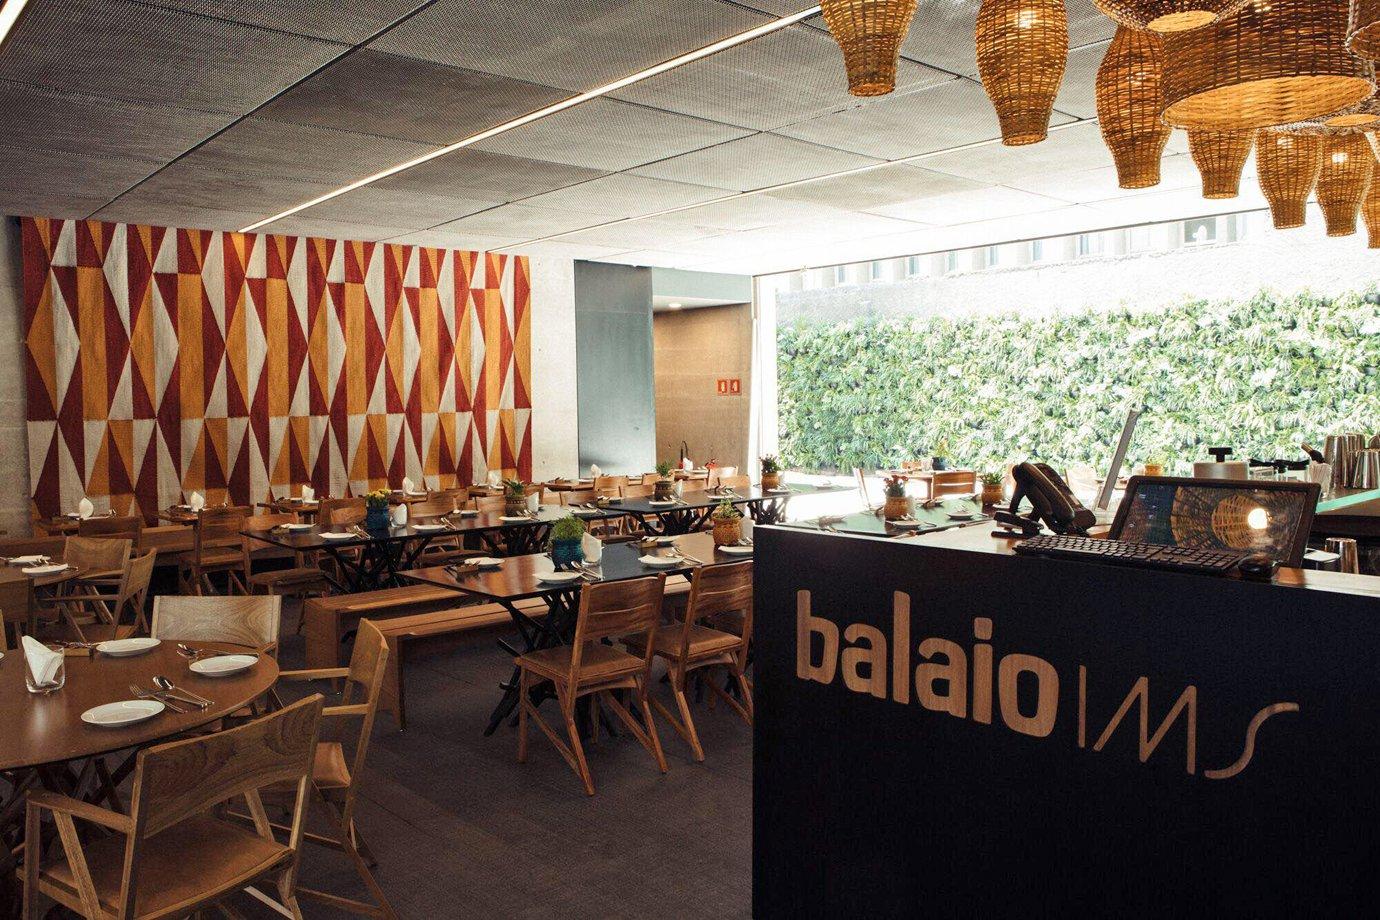 Balaio IMS